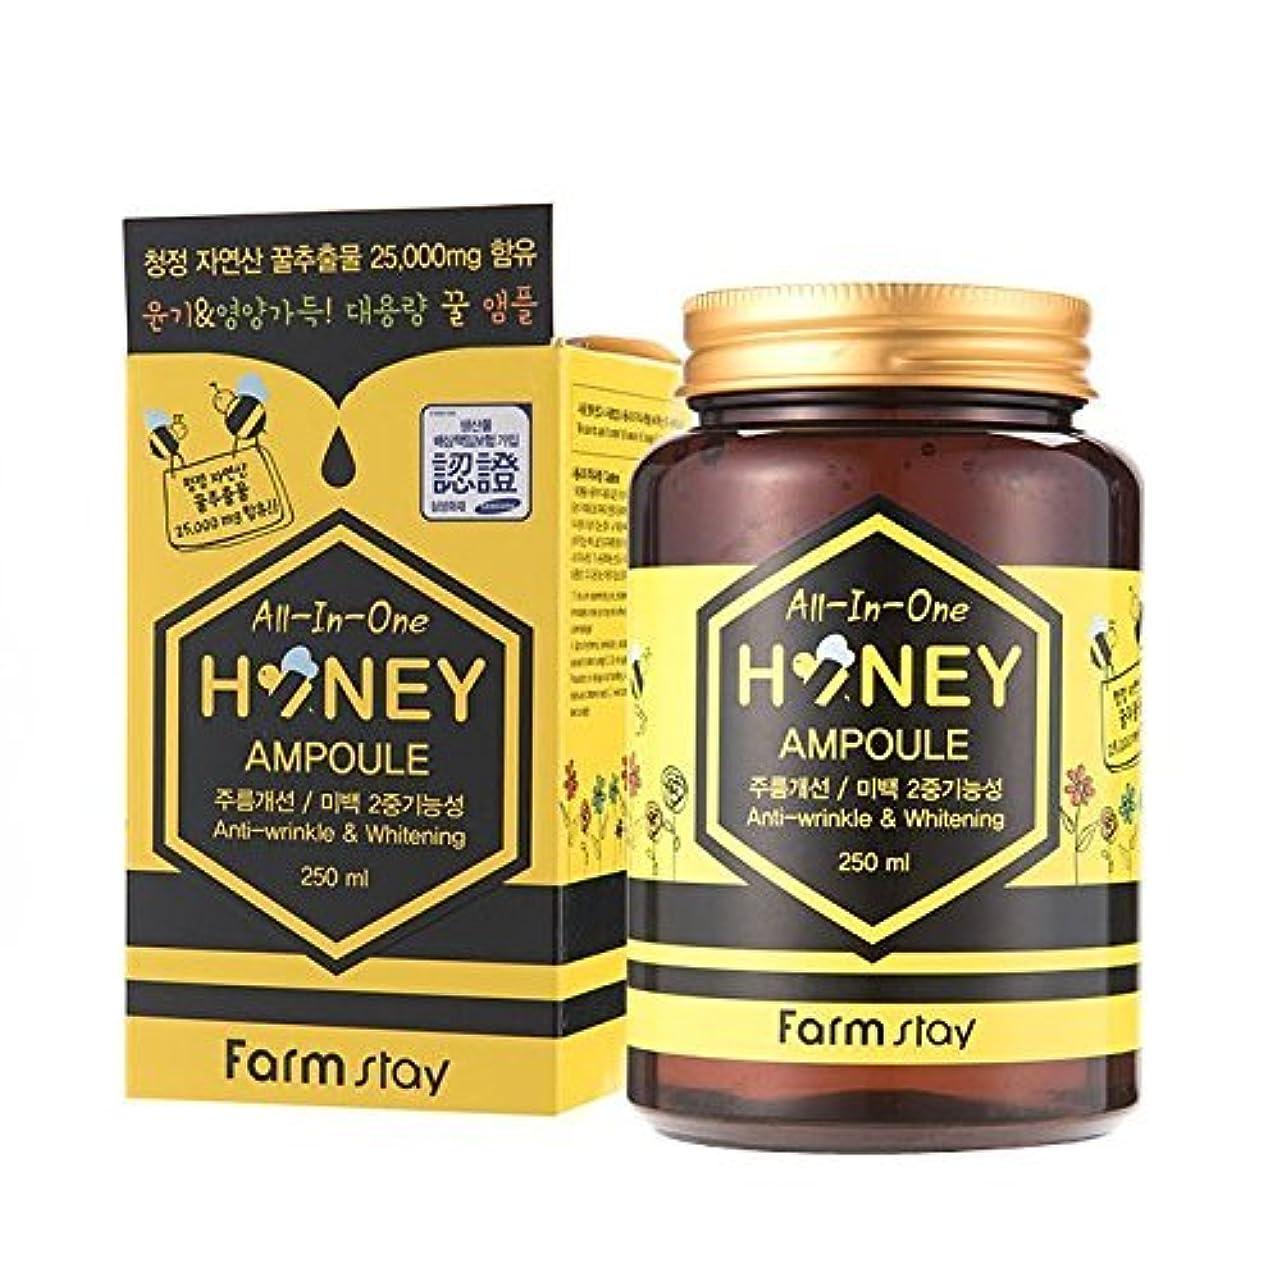 手足不利益流ファームステイ[韓国コスメFarm Stay]All In One Honey Ampoule オールインワンハニーアンプル250ml/ローヤルゼリー、プロポリス [並行輸入品]